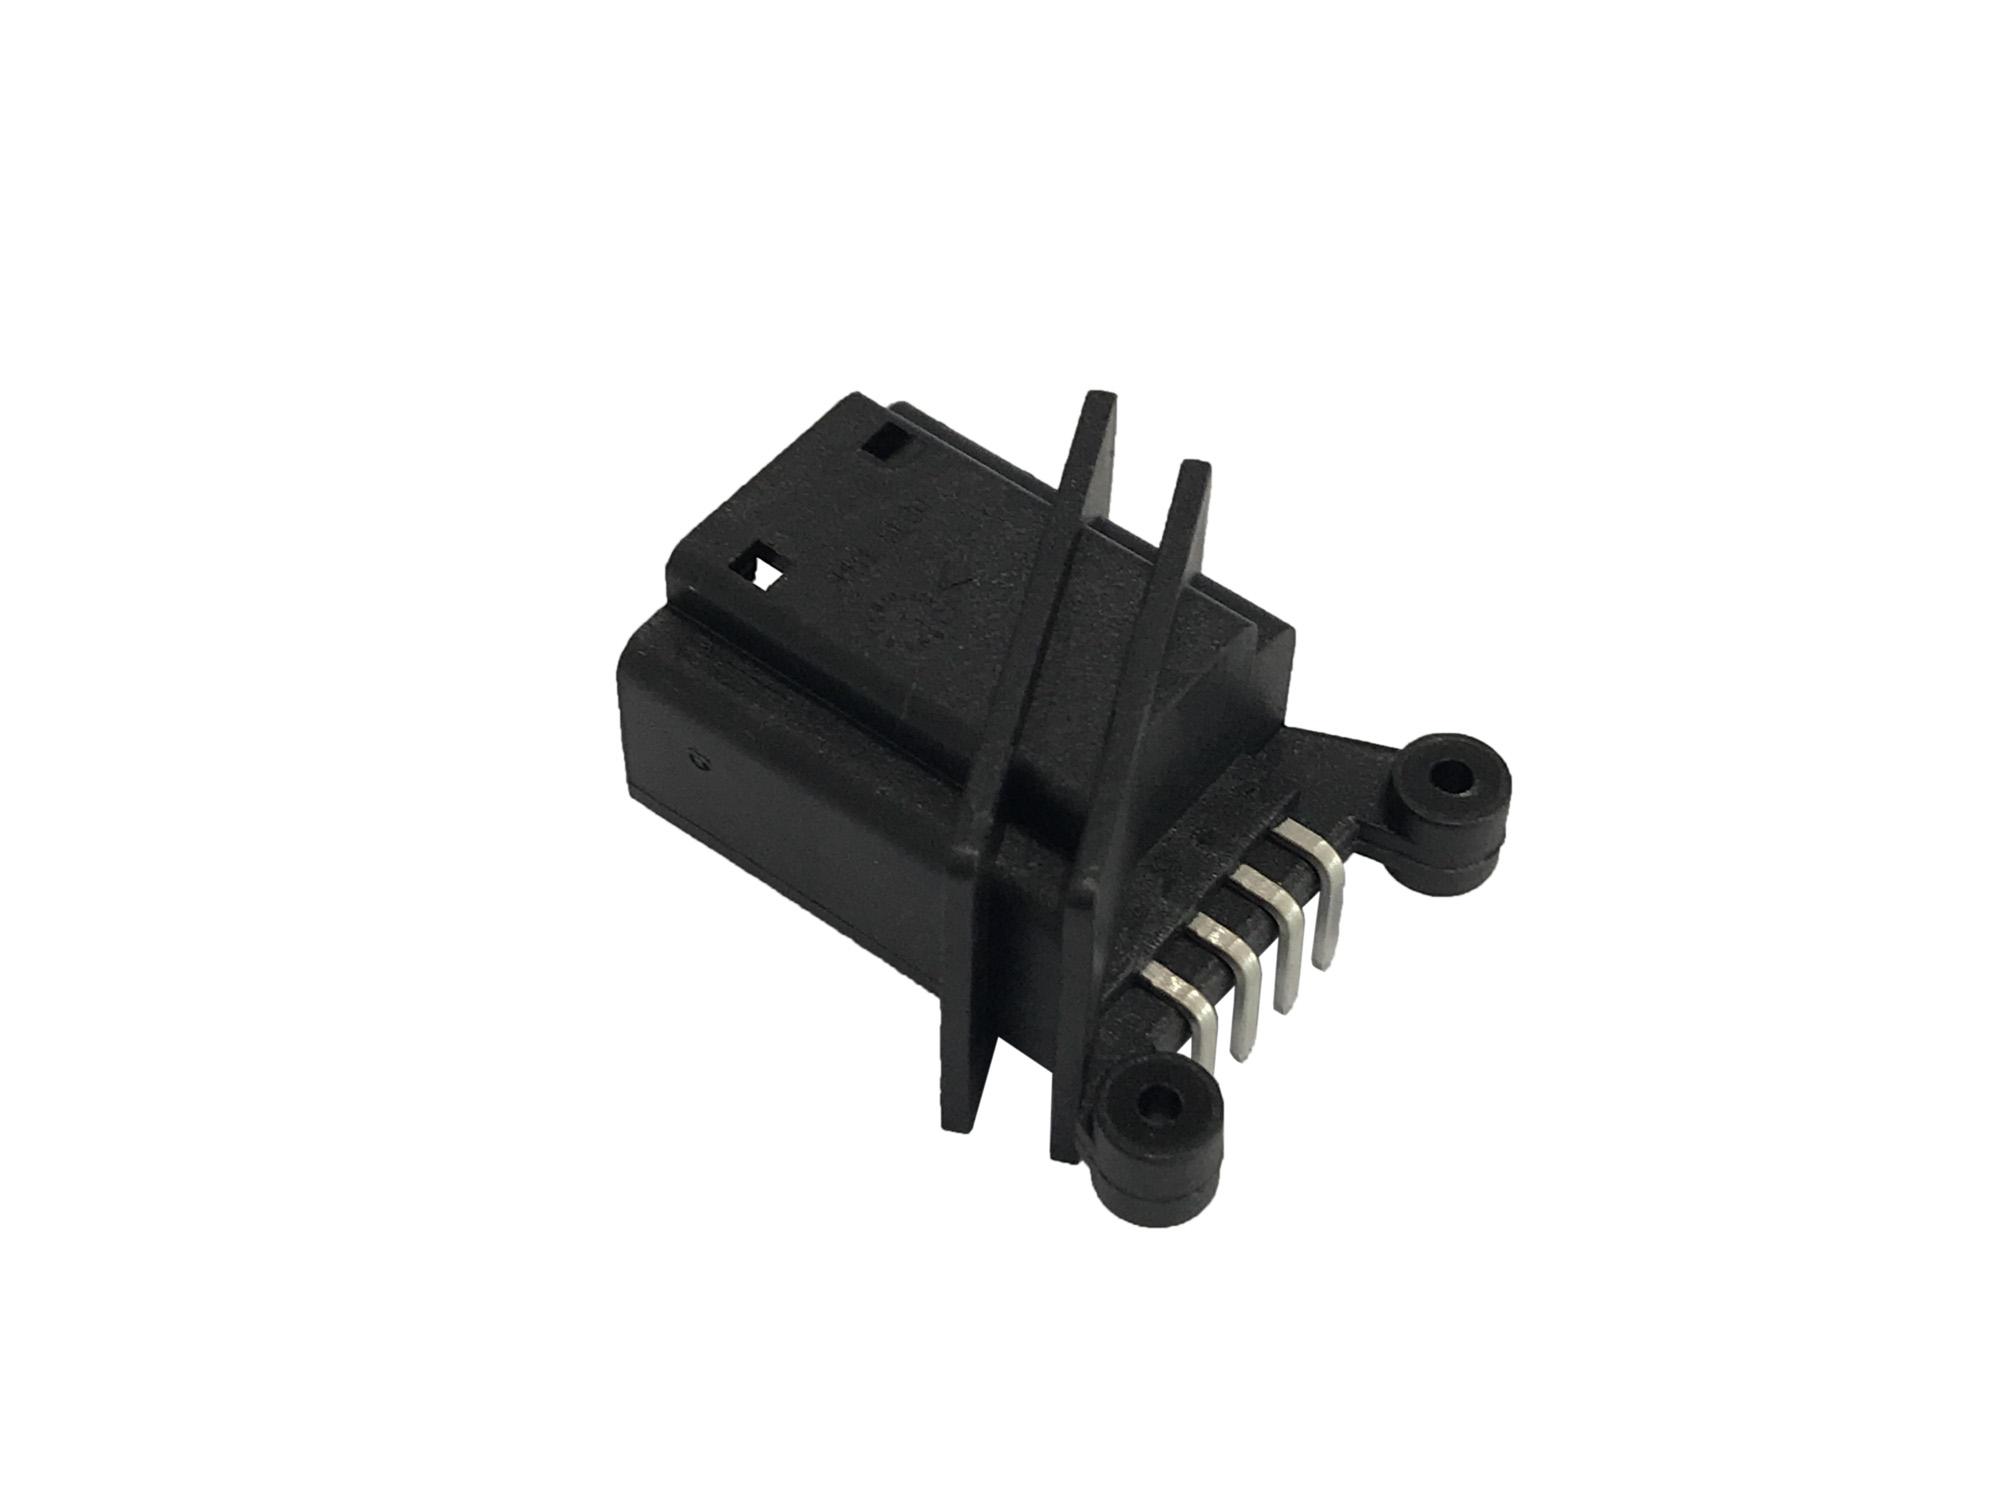 QJ539 4芯插座组合